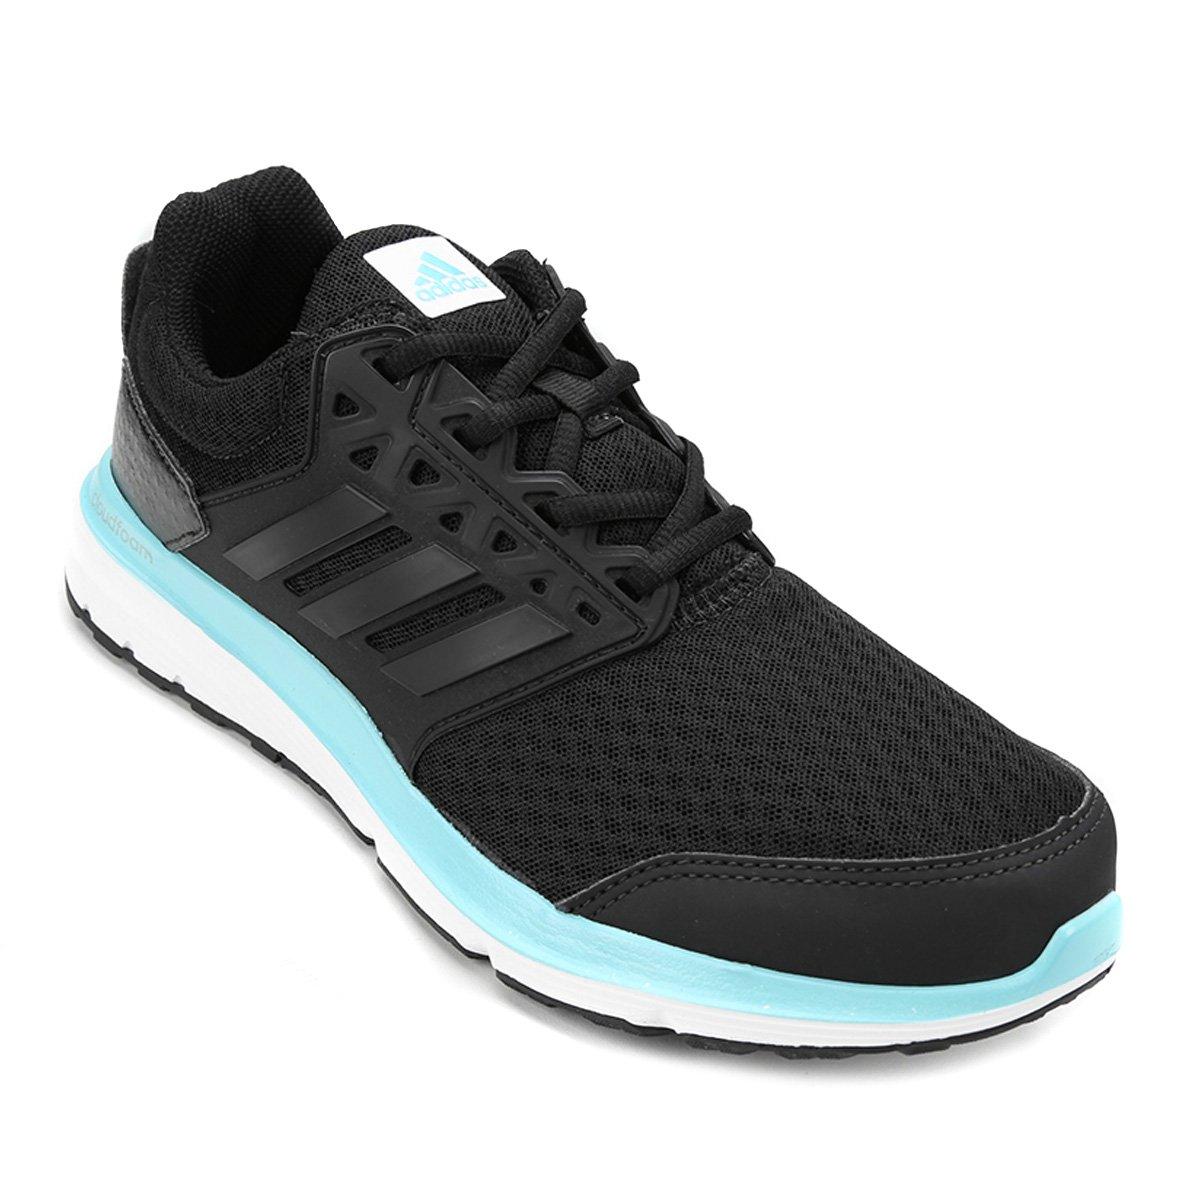 22683459edeed Tênis Adidas Galaxy 3.1 Feminino - Preto e Azul - Compre Agora ...